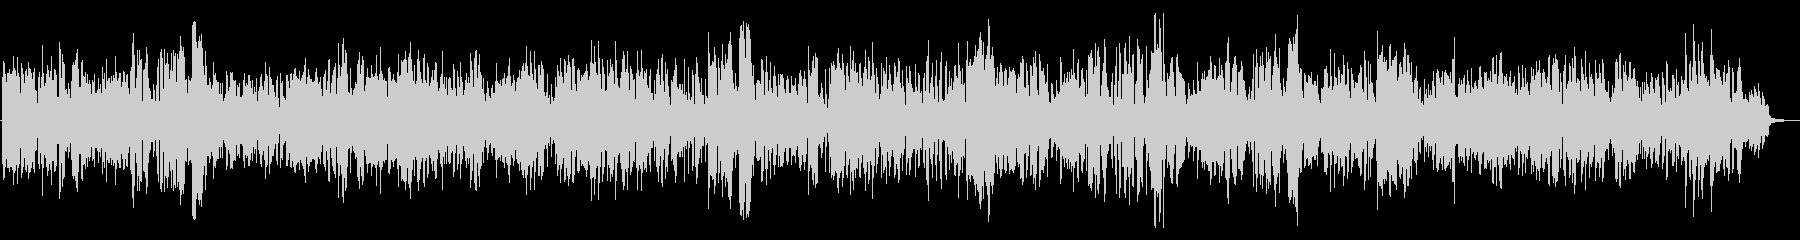 超★テンションMAXなロックBGMの未再生の波形